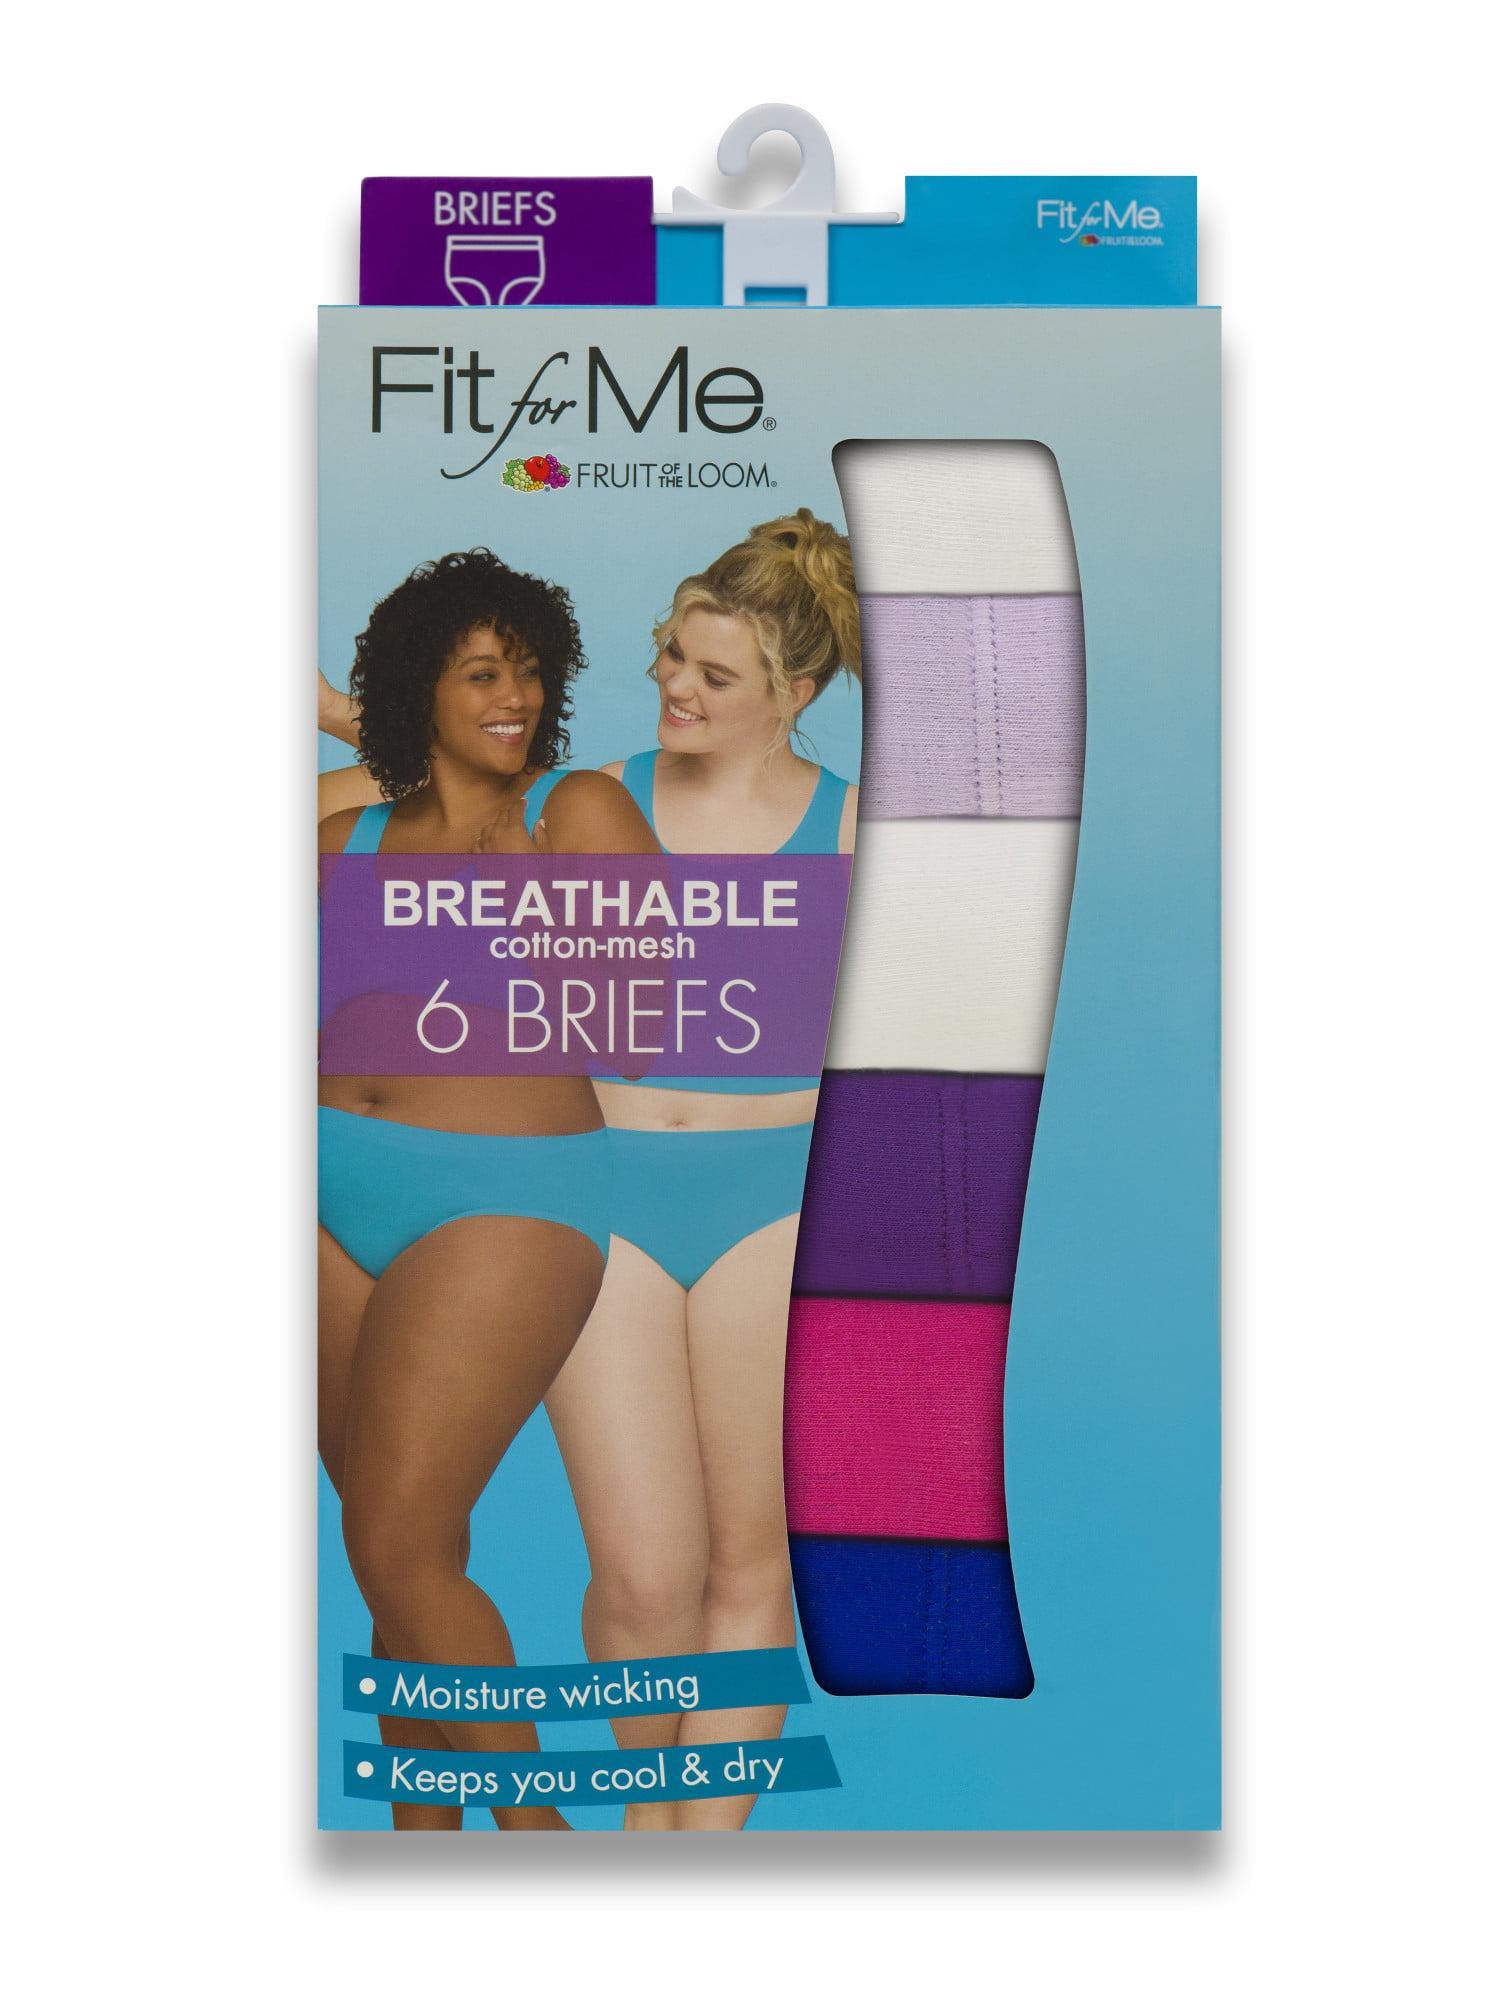 d9e4f7c419c1 Fit for Me by Fruit of the Loom - Women's Plus Breathable Cotton-Mesh Brief  Panties, 6 Pack - Walmart.com